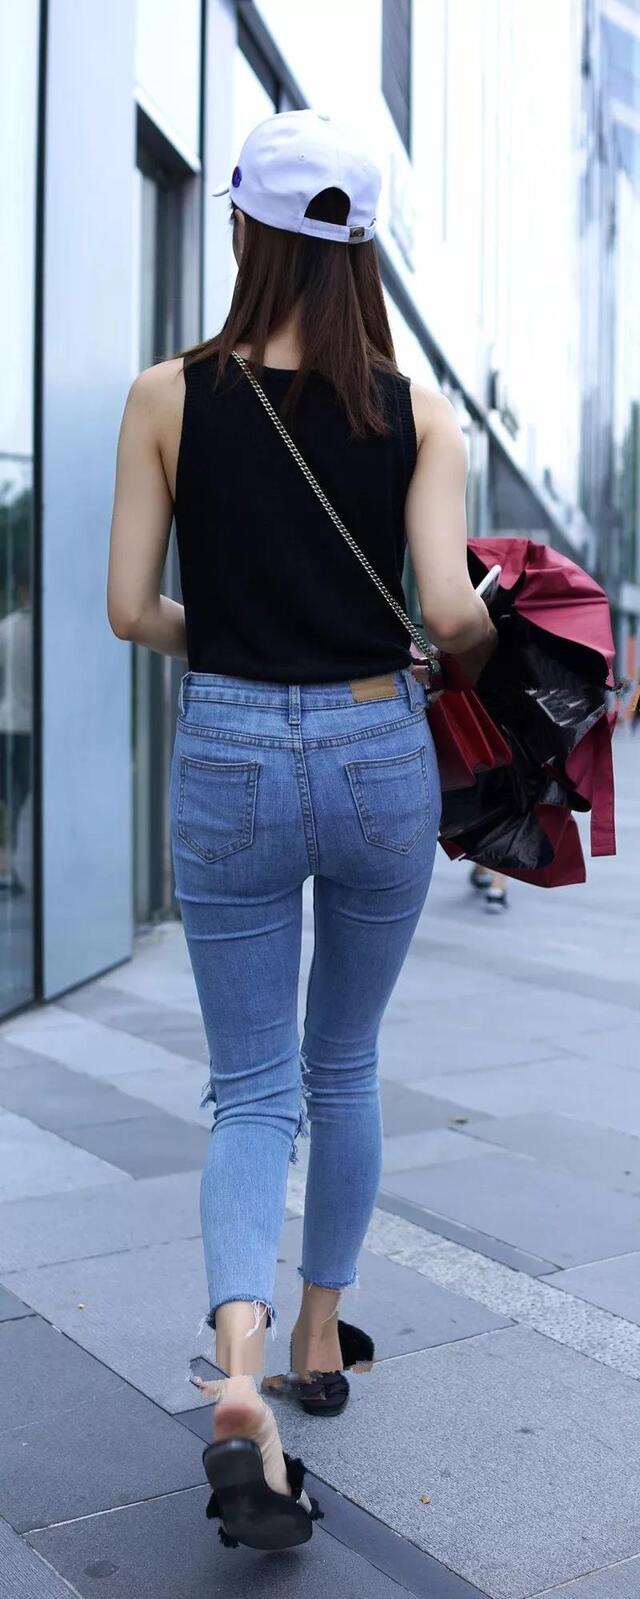 街拍:紧身牛仔裤,背影总是让人难忘